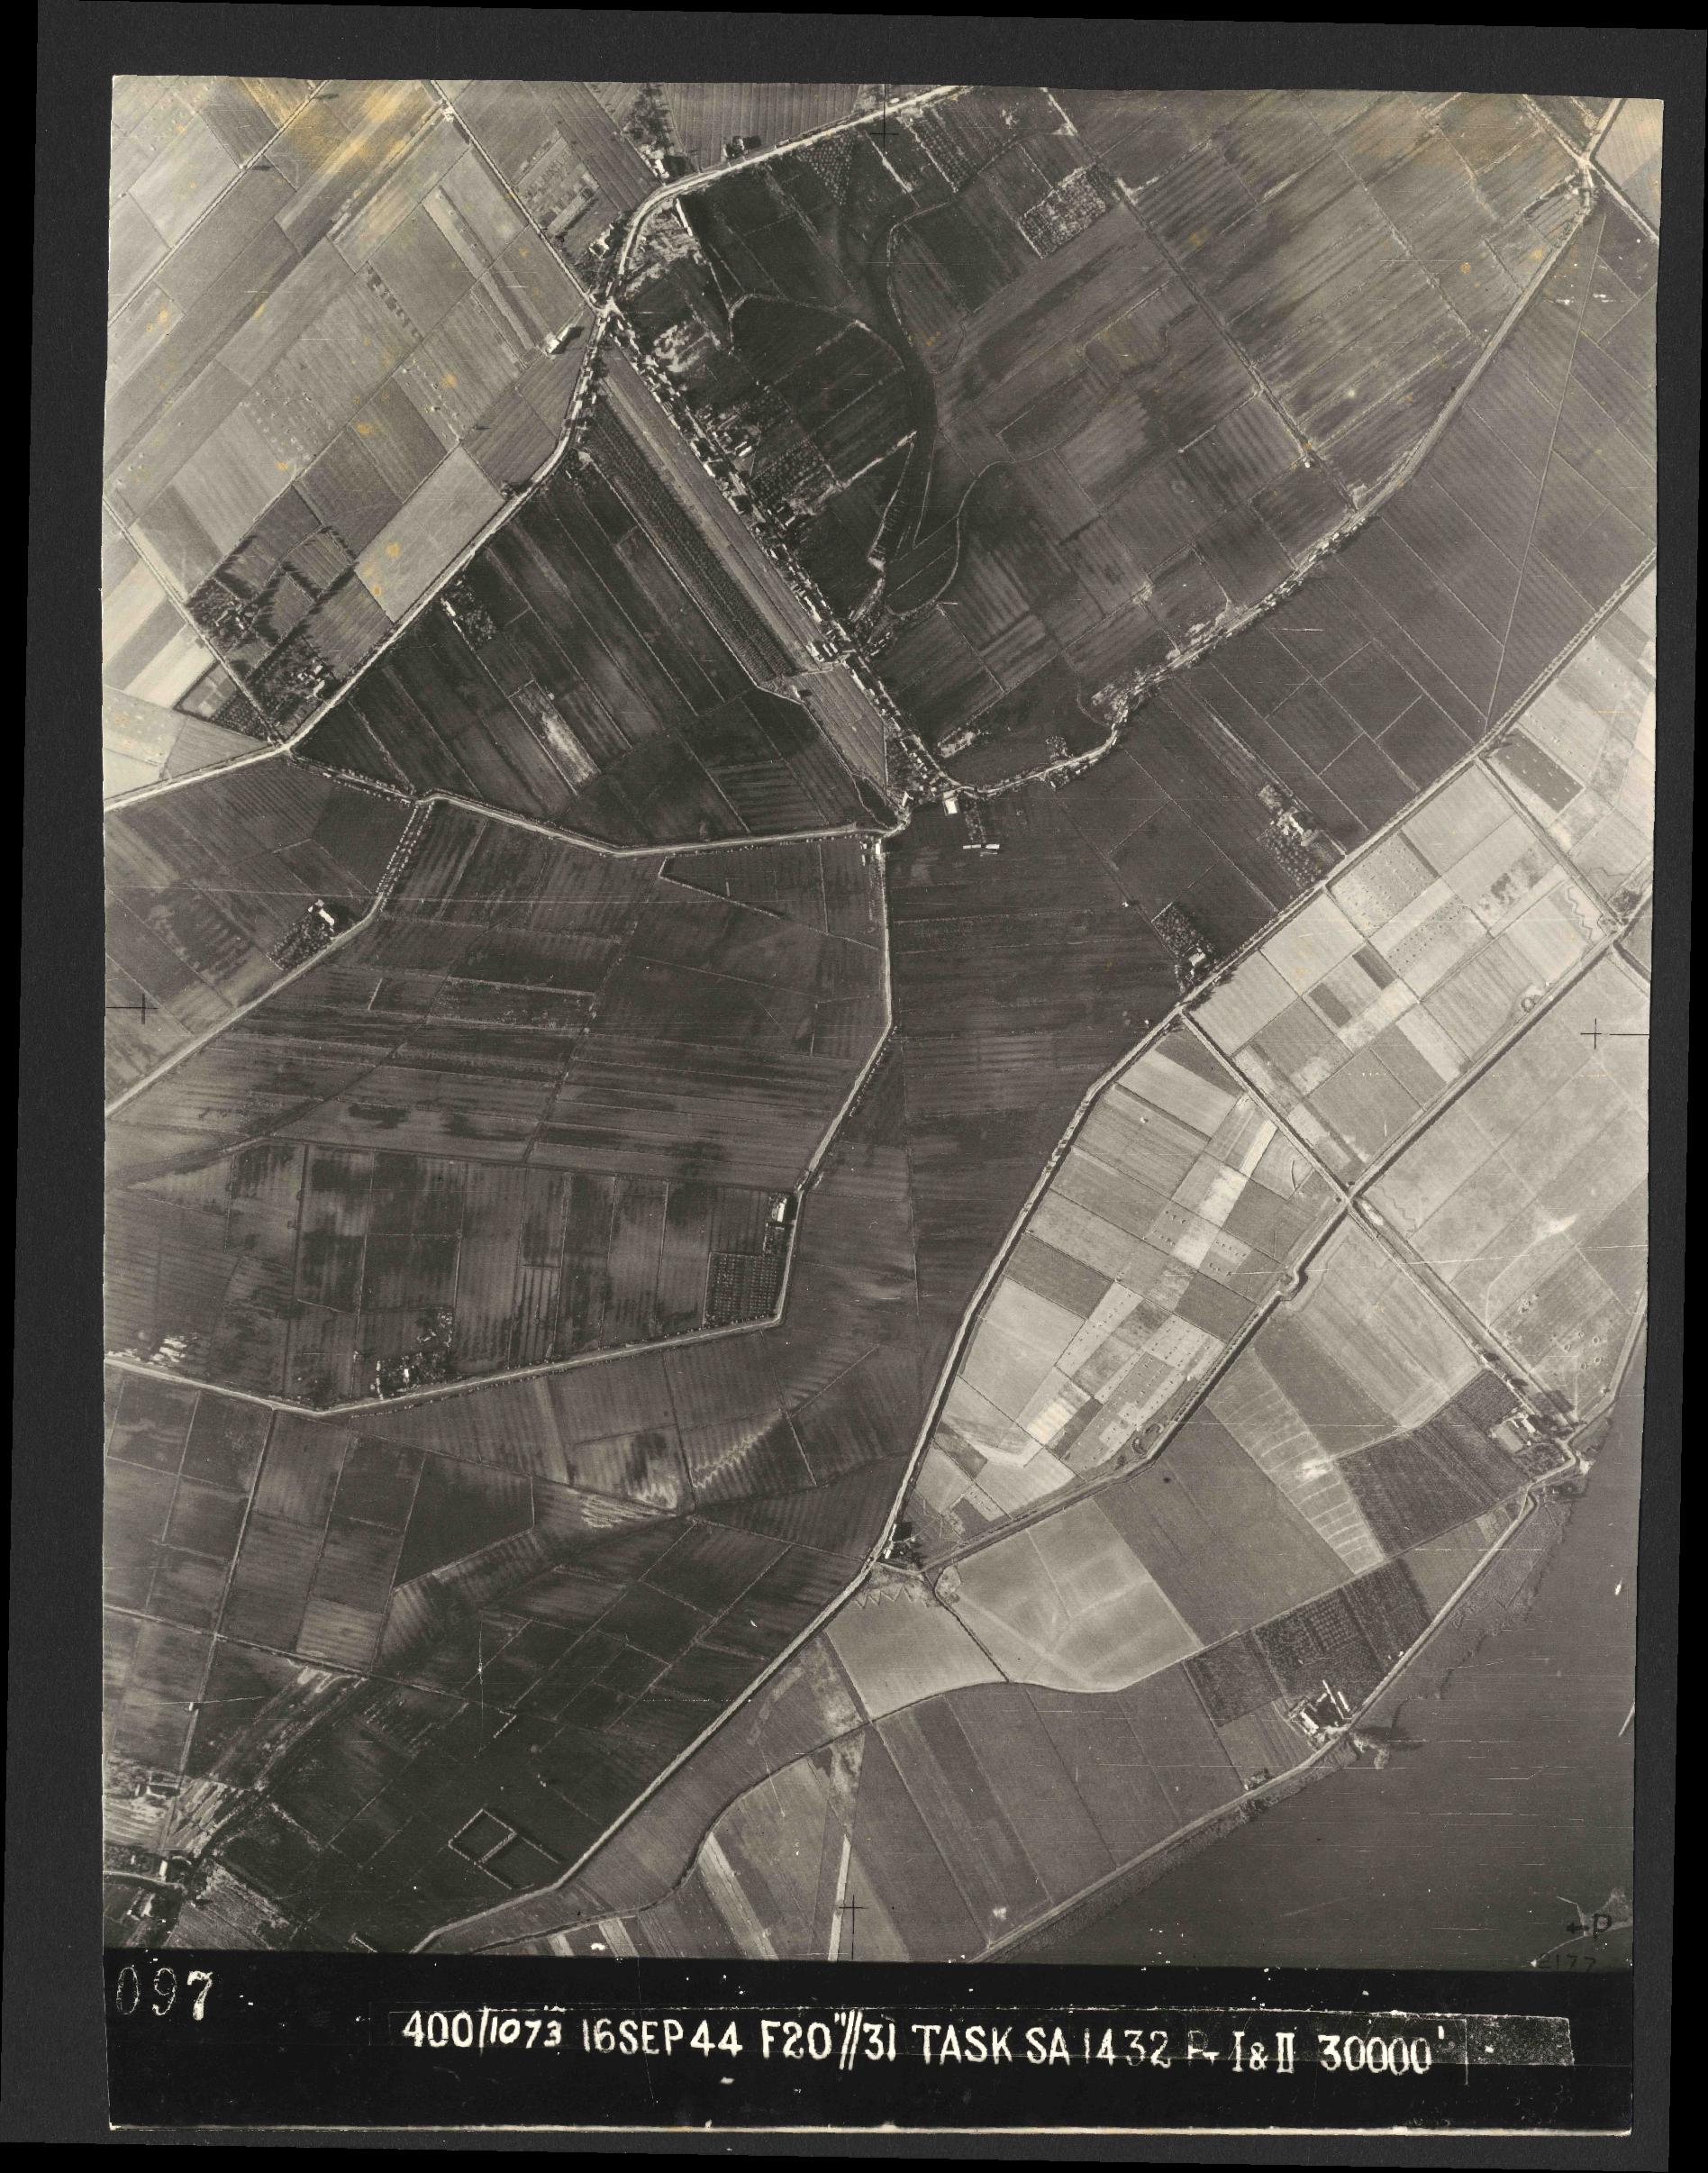 Collection RAF aerial photos 1940-1945 - flight 013, run 07, photo 3097